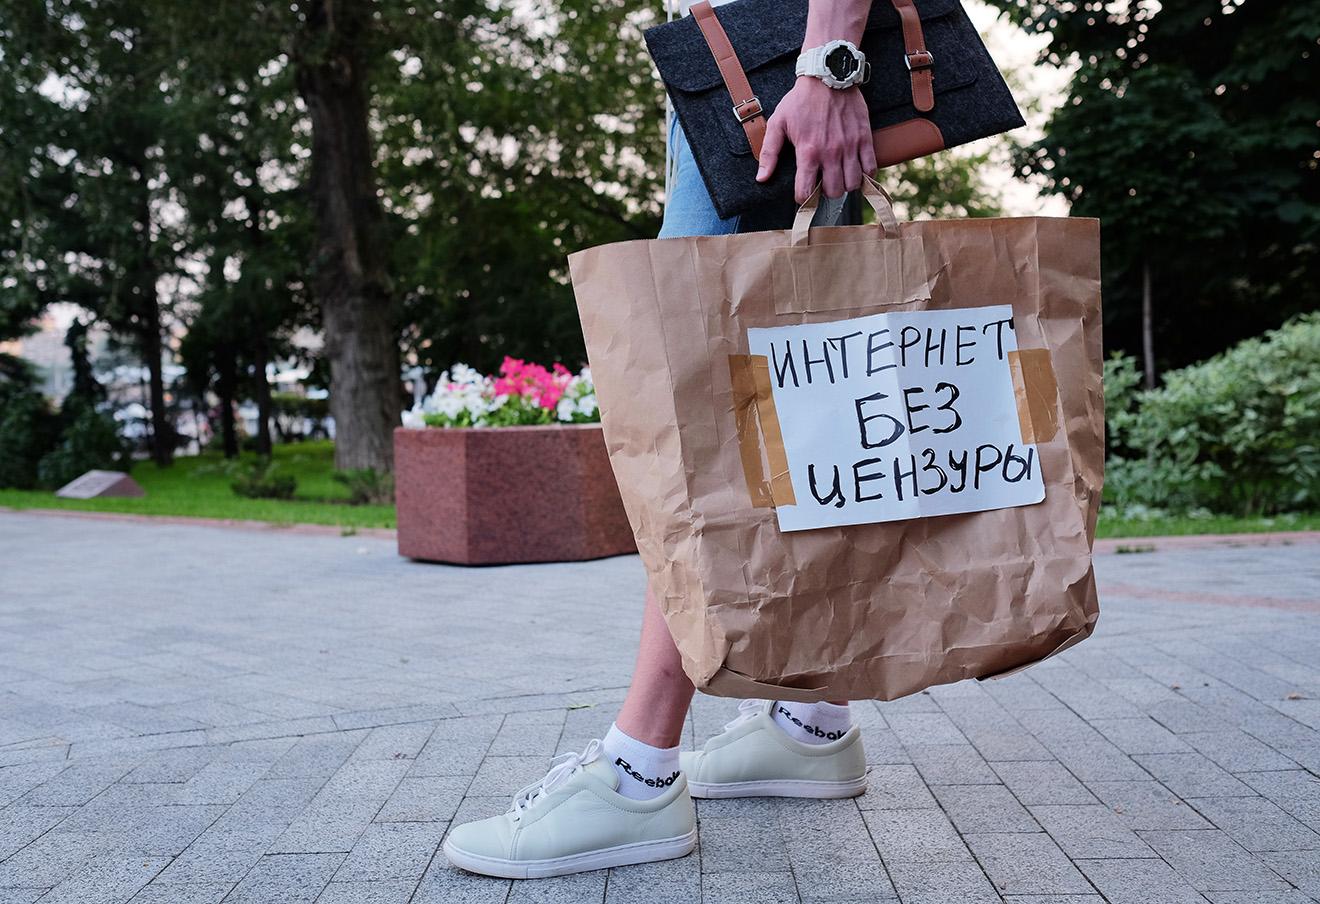 На митинге за свободу интернета, против интернет-цензуры и интернет-слежки. Москва. 27 июля 2016. Фото: Михаил Терещенко / ТАСС